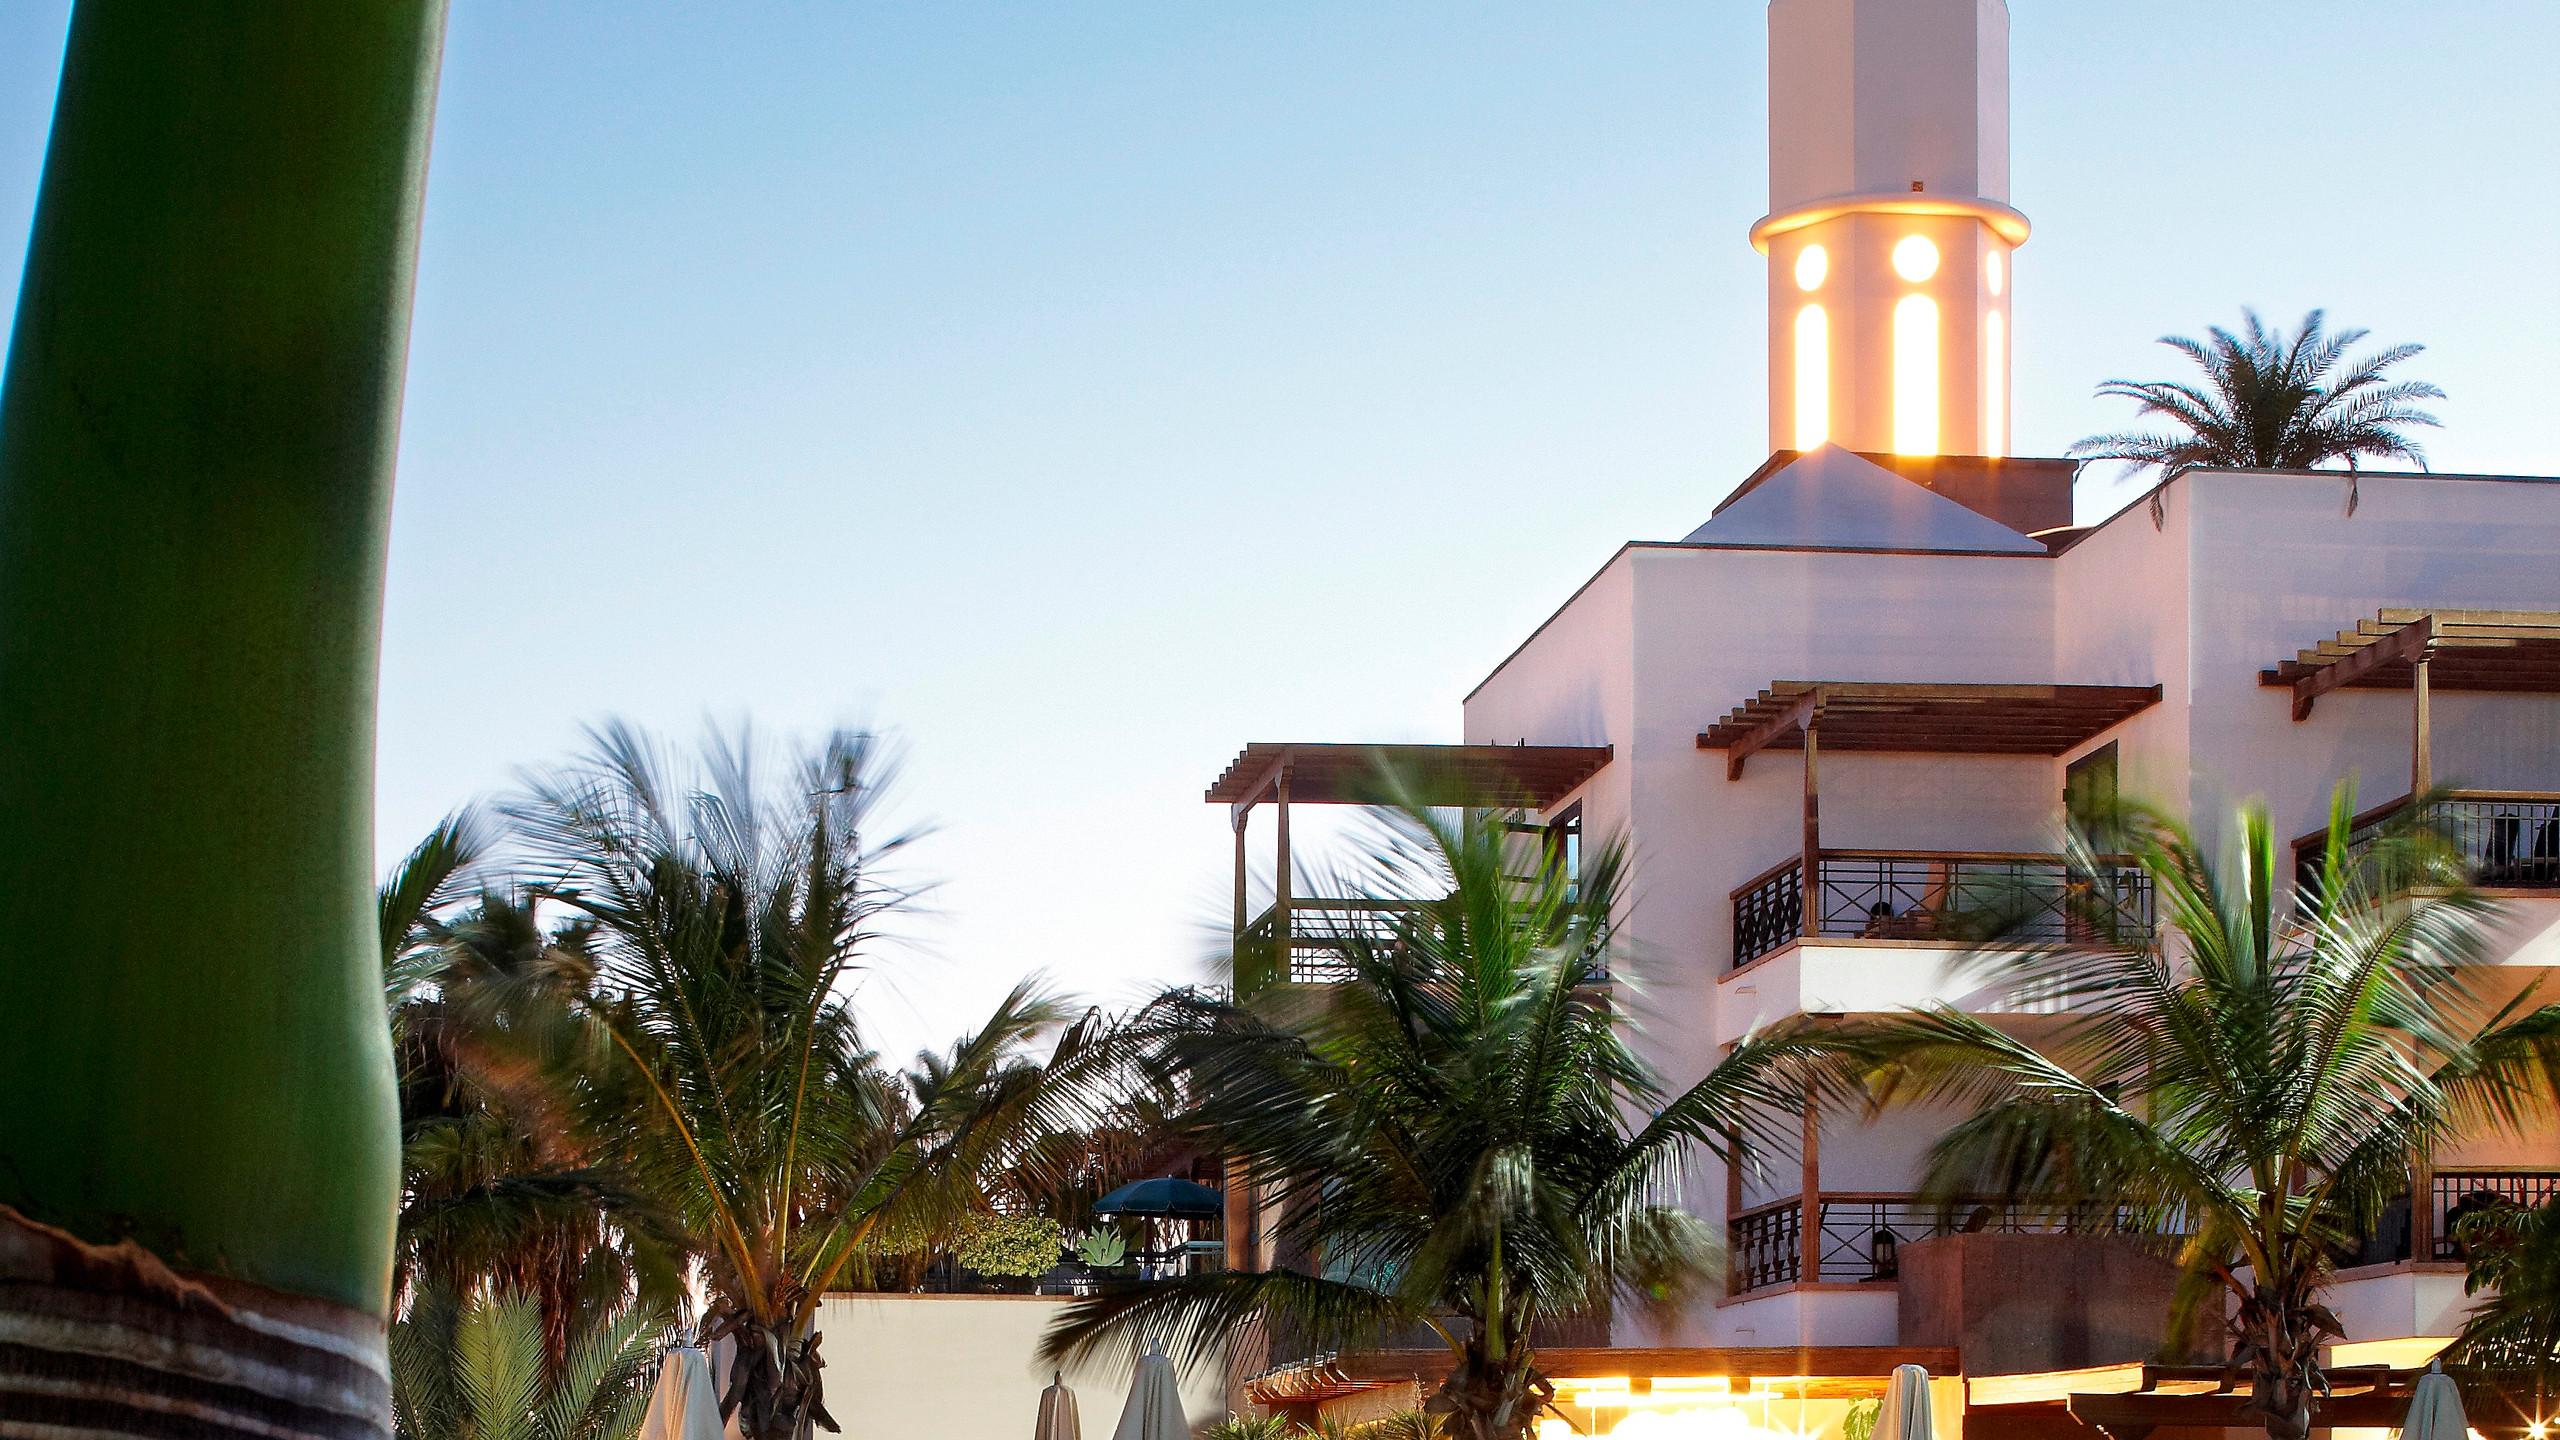 En una de las mejores playas de Lanzarote, Playa Dorada, cuenta con todo lo necesario para vivir una navidad de ensueño. Vistas, servicios, Talasso & Spa o espacios para niños,  multitud de opciones donde comer o cenar y un programa de fiestas muy completo.